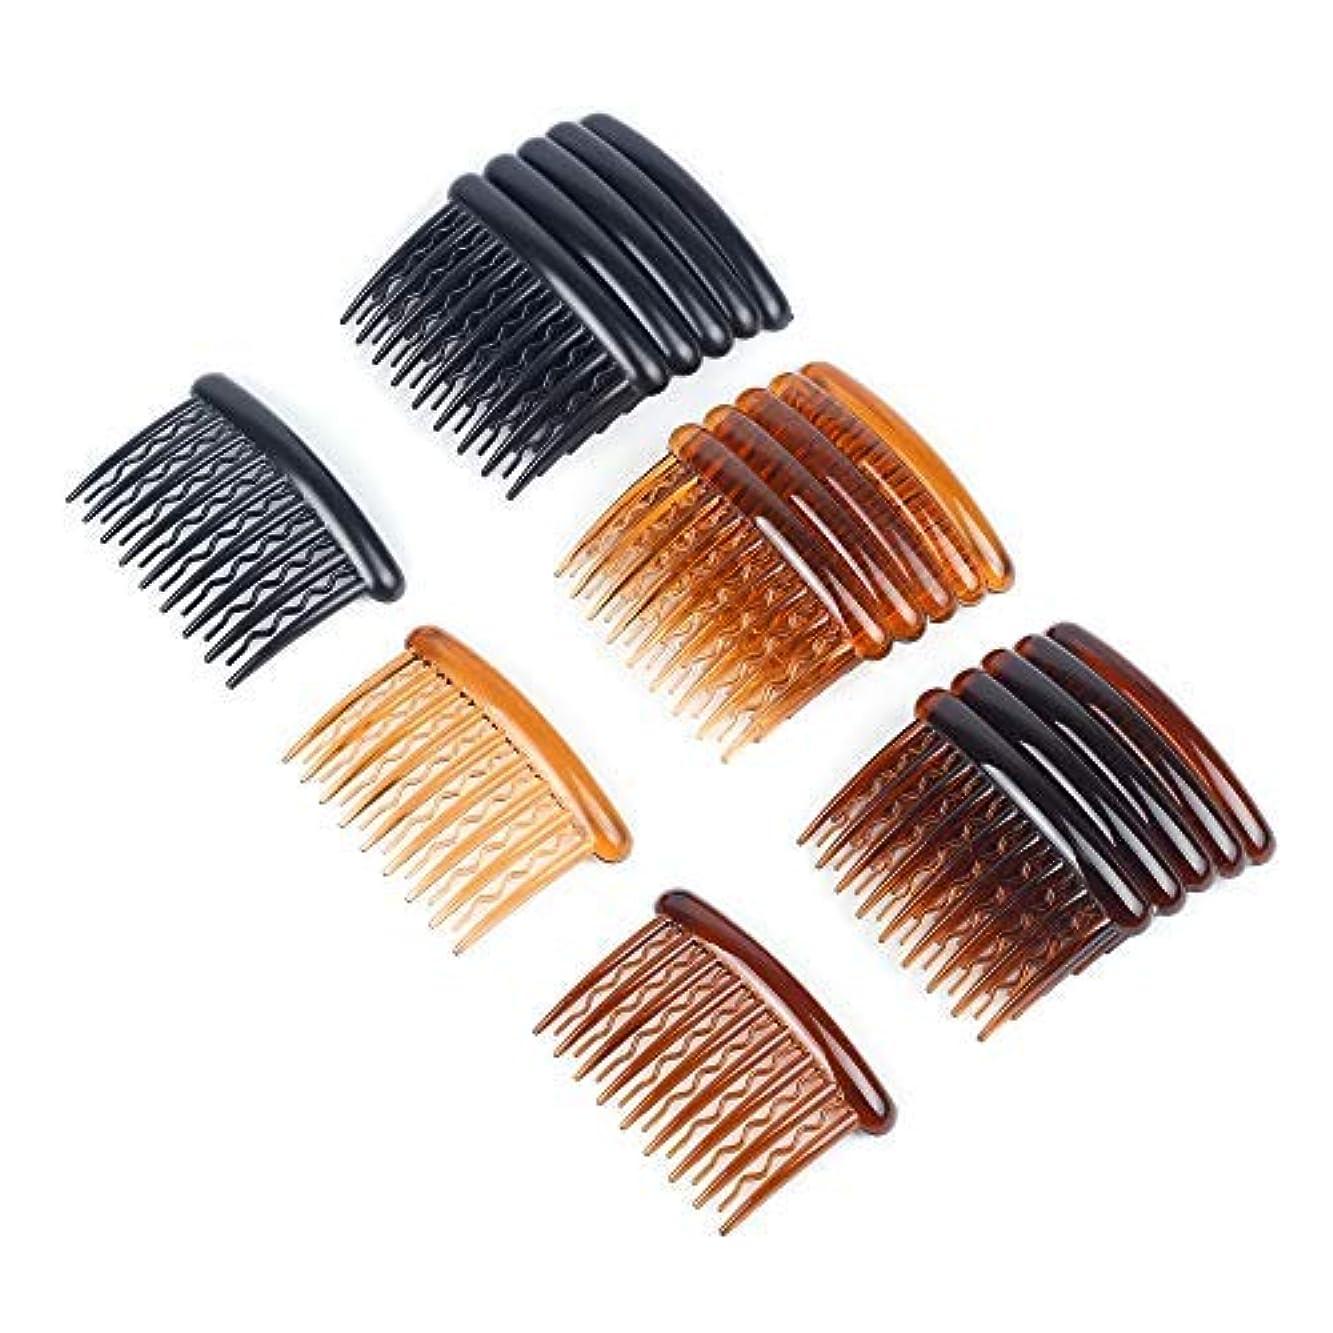 中間小道具思春期WBCBEC 18 Pieces Plastic Teeth Hair Combs Tortoise Side Comb Hair Accessories for Fine Hair [並行輸入品]